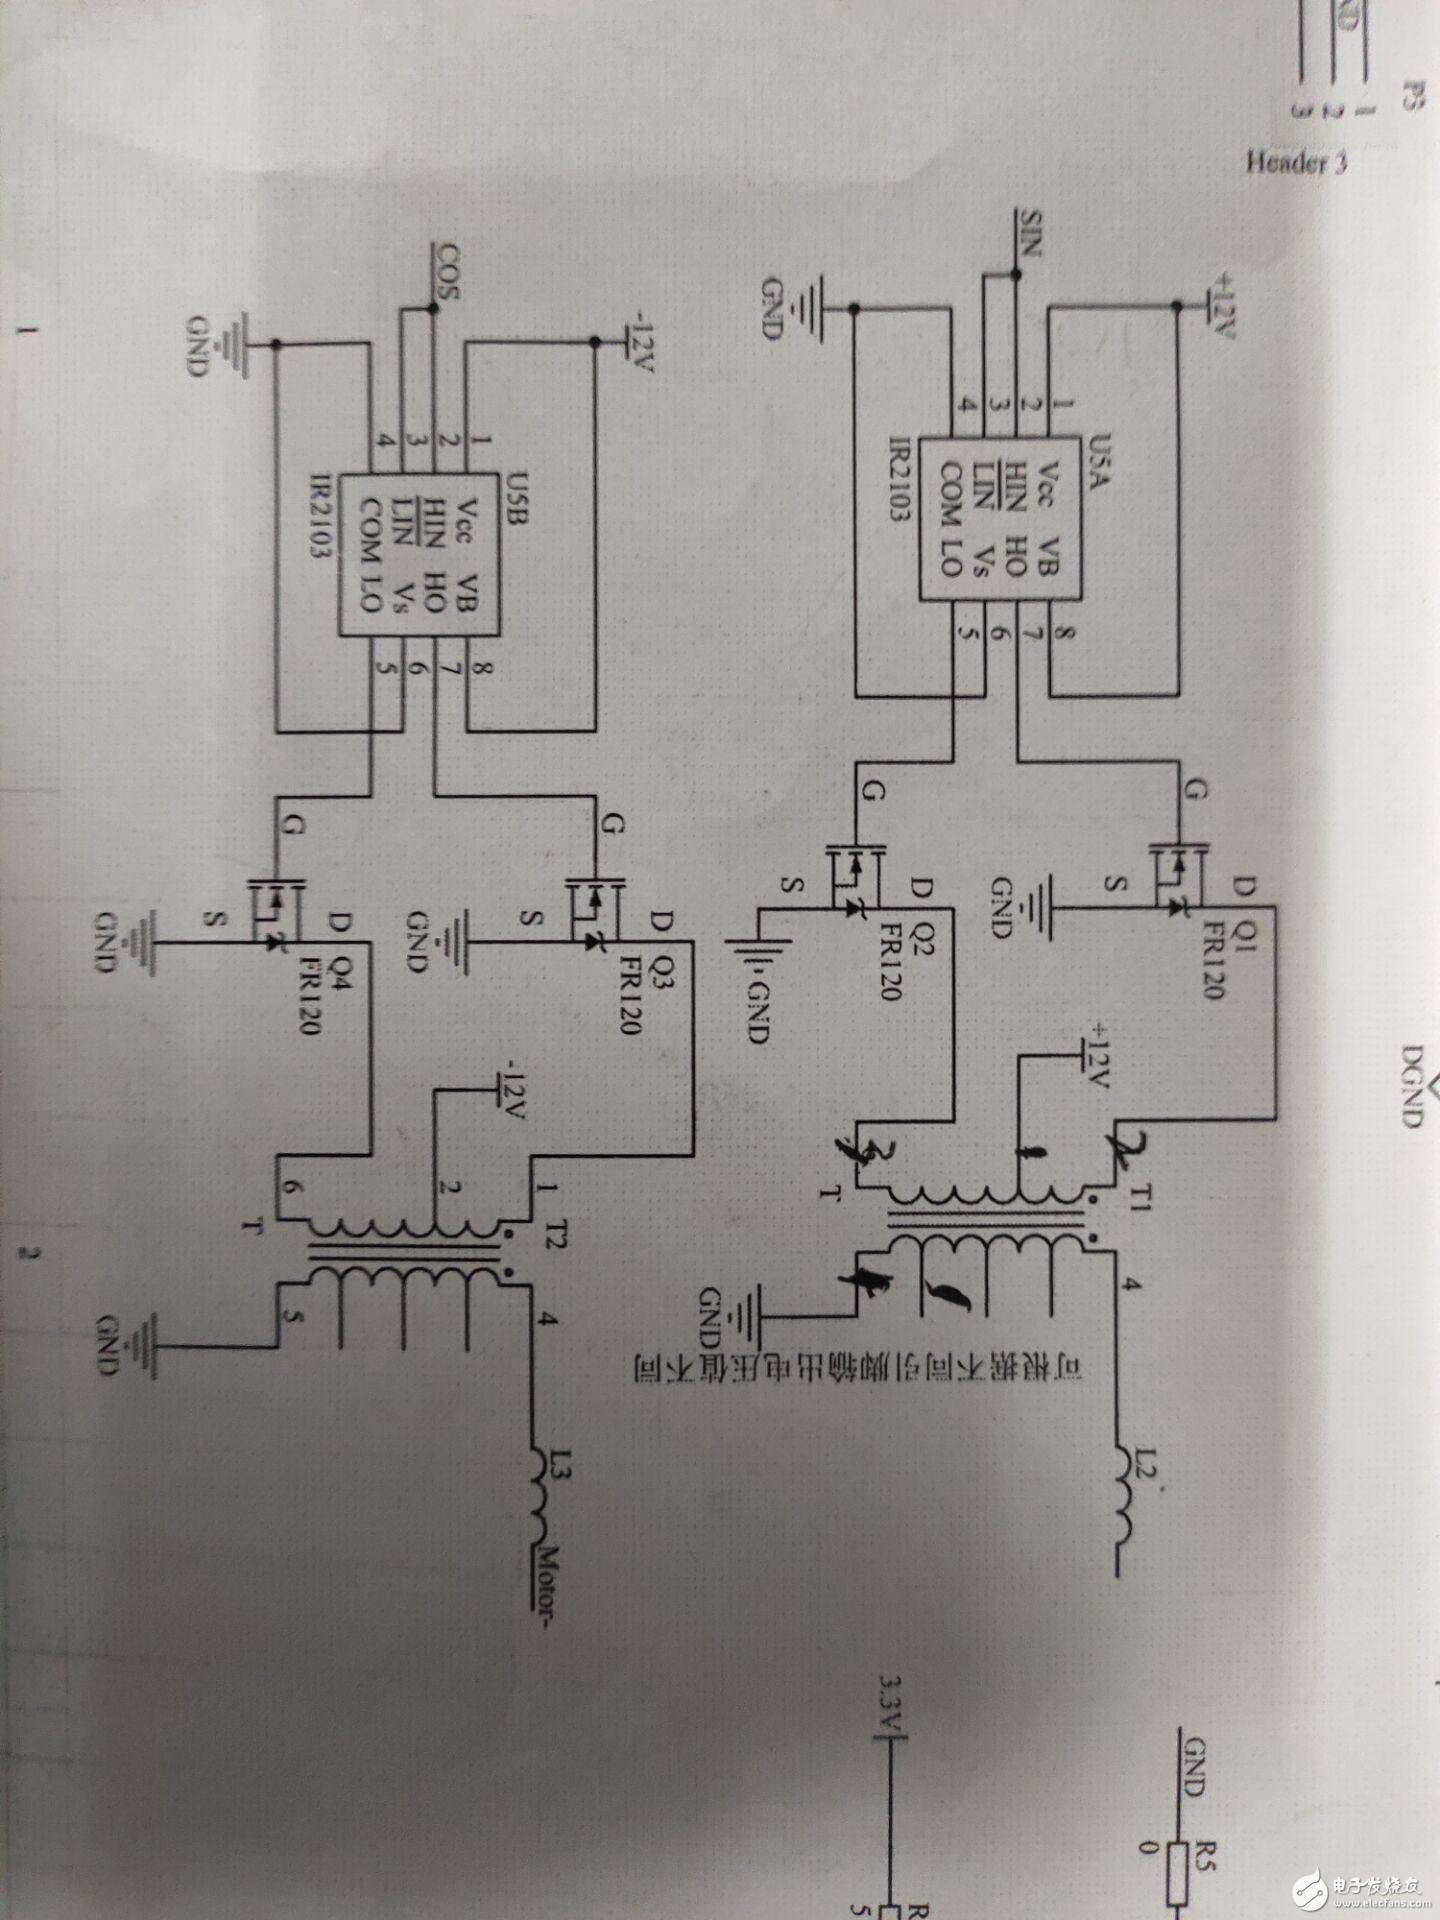 电子工程师大神请解释一下电路原理